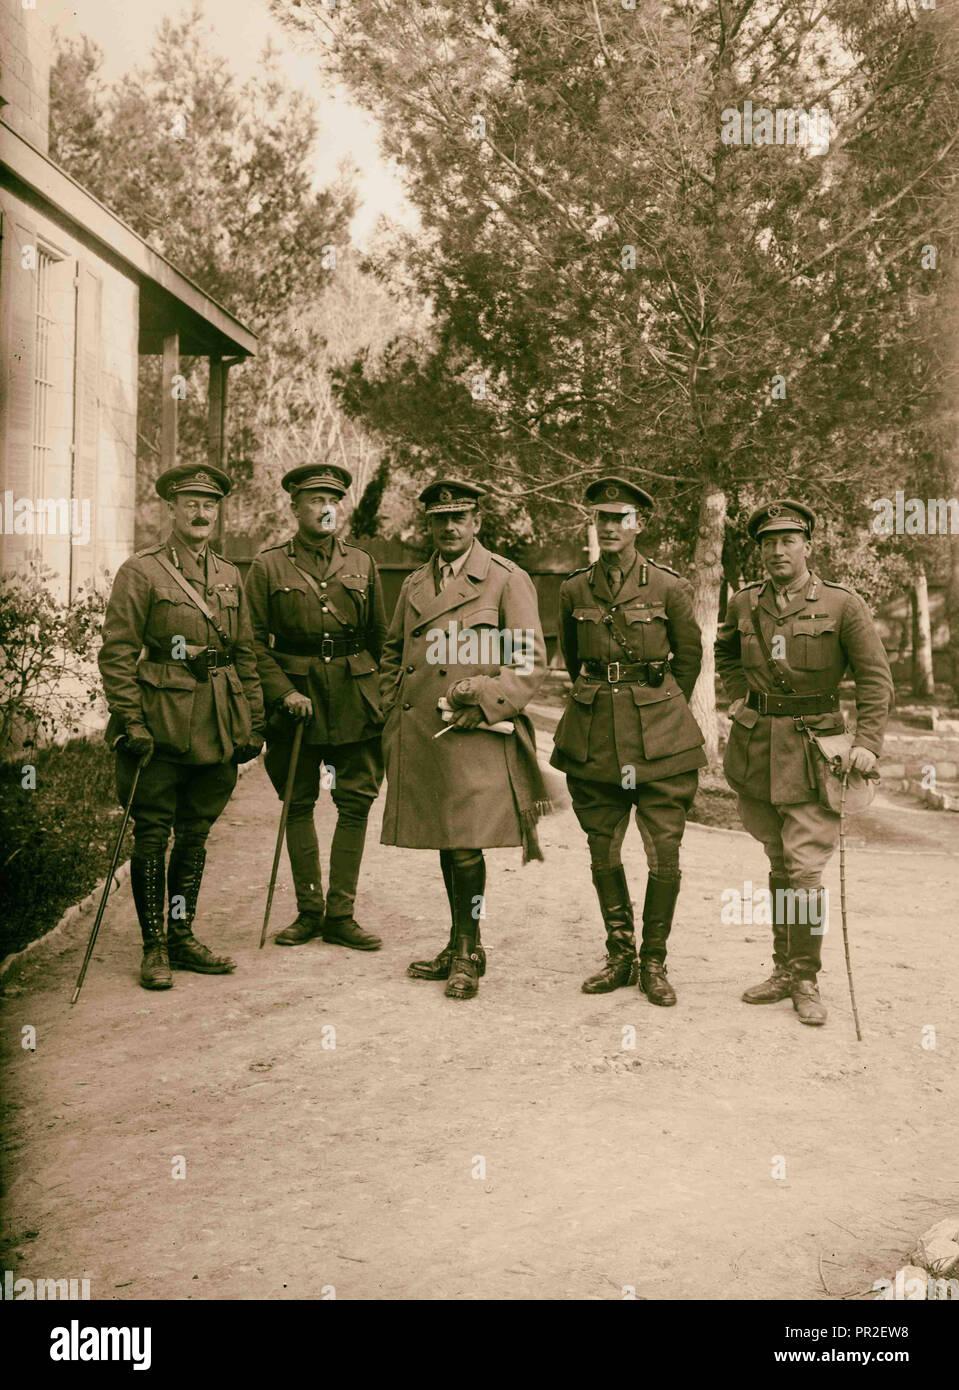 The surrender of Jerusalem to the British December 9th, 1917. British generals who captured Jerusalem. 1917, Jerusalem, Israel - Stock Image